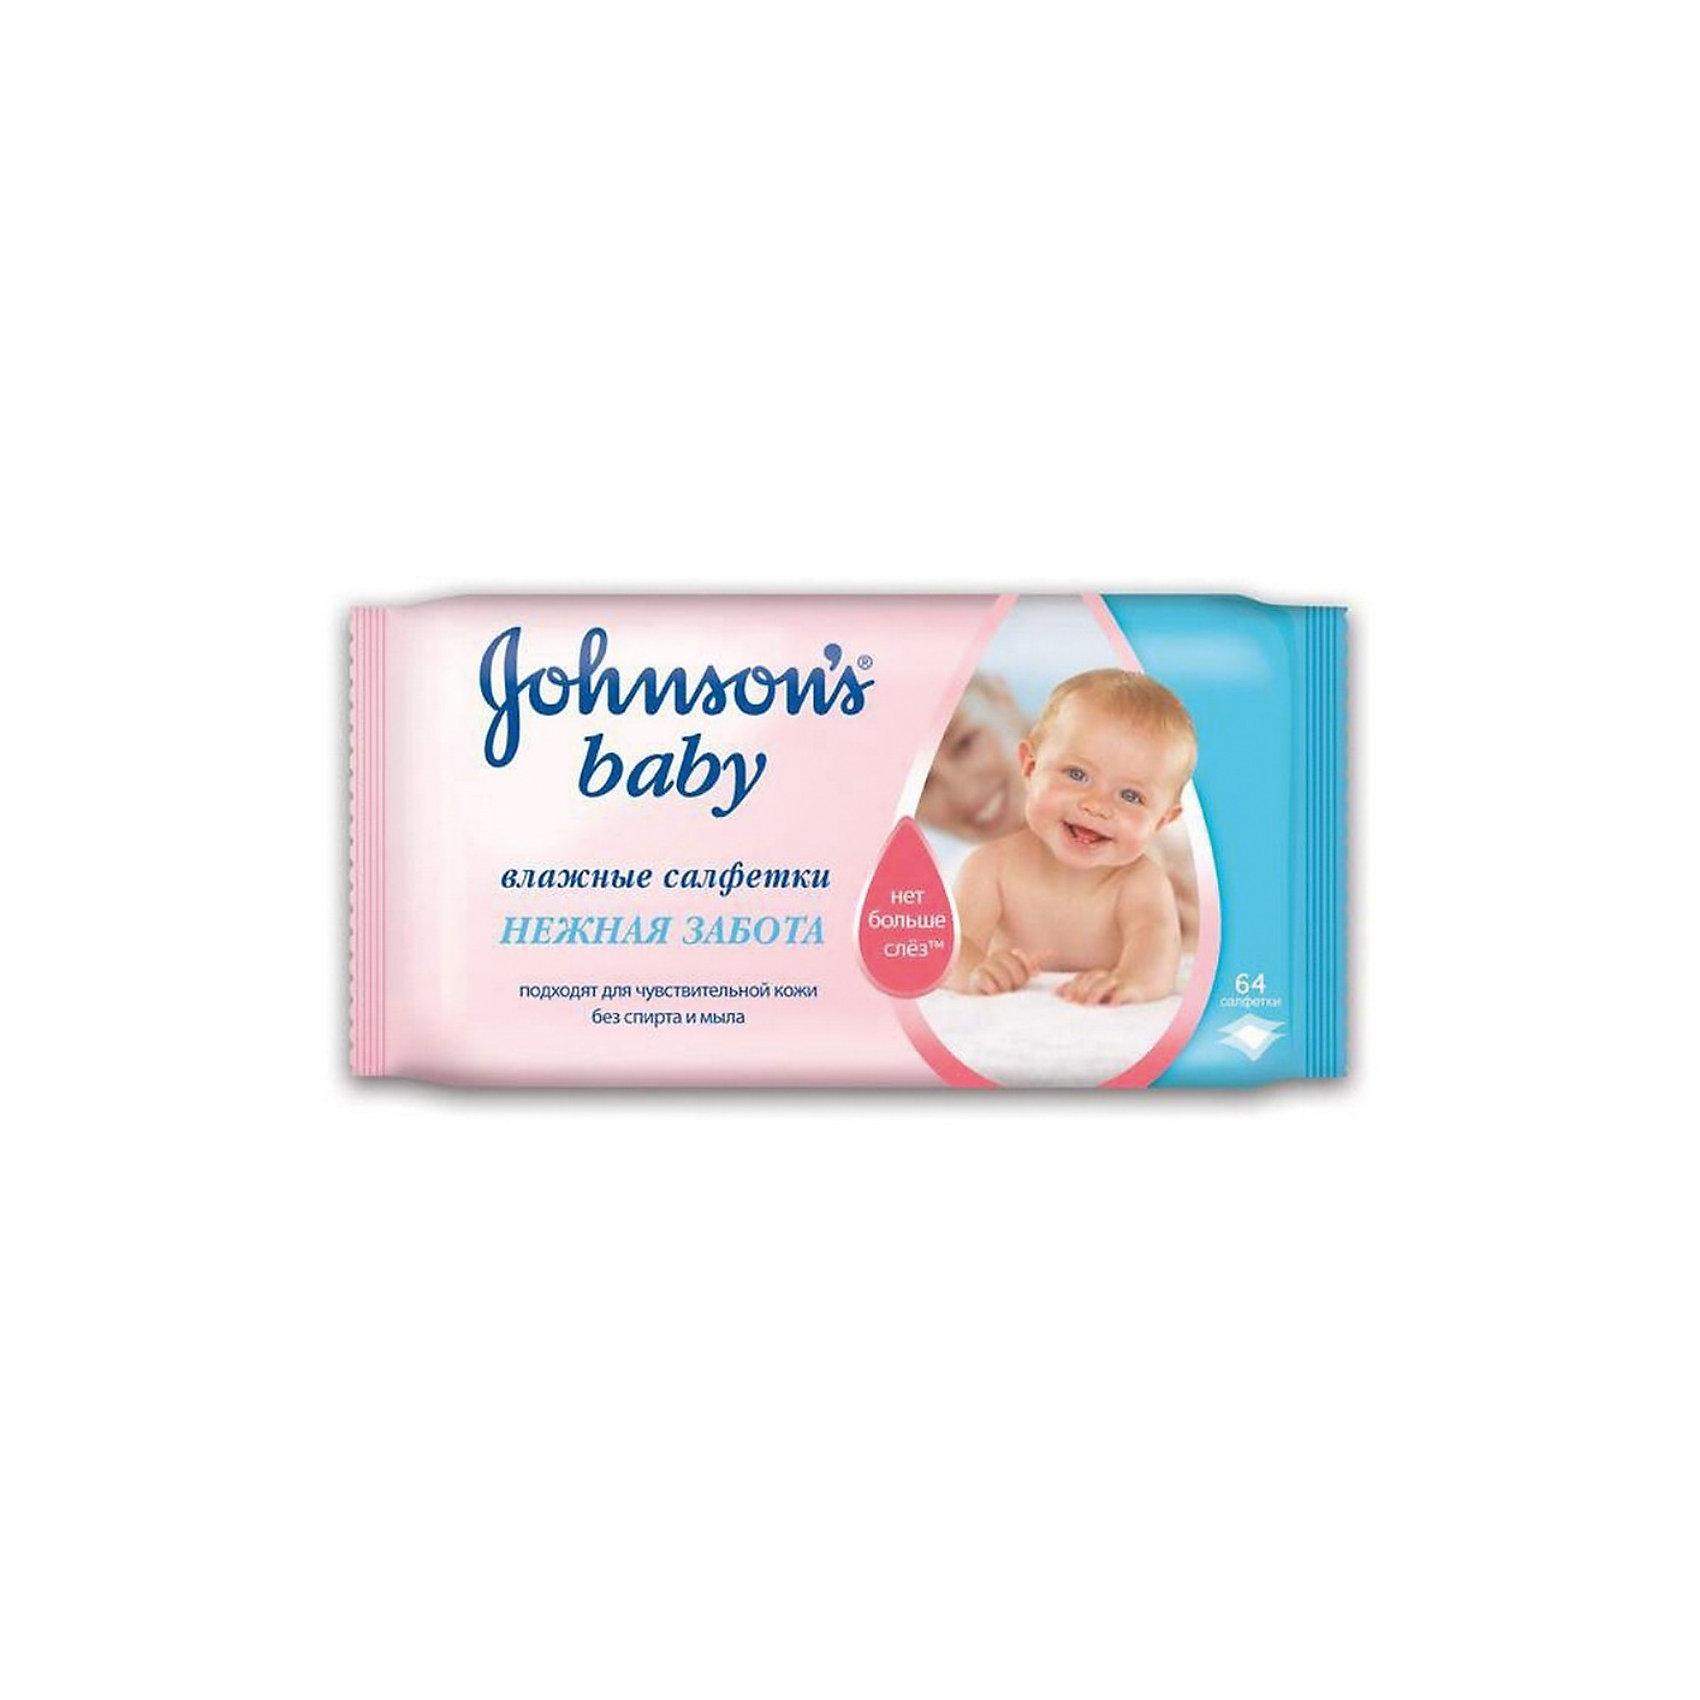 Влажные салфетки Нежная забота, Johnson`s baby, 64 шт.Влажные салфетки<br>Влажные салфетки Нежная забота, Johnson`s baby, 64 шт. созданы специально для ухода и очищения всего тела малыша.<br><br>Они очищают детскую кожу настолько деликатно, что могут использоваться даже для чувствительной области вокруг глазок. Салфетки пропитаны увлажняющим лосьоном, на 97% состоящим из чистейшей воды. Не содержат спирта и парабенов. <br><br>Дополнительная информация:<br><br>- в упаковке: 64 салфетки<br>- размер 110х160х75 мм<br><br>Влажные салфетки Нежная забота, Johnson`s baby, 64 шт. - незаменимое средство гигиены дома, на прогулке, в поездках или гостях.<br><br>Влажные салфетки Нежная забота, Johnson`s baby (Джонсонс Беби), 64 шт. можно купить в нашем магазине.<br><br>Ширина мм: 110<br>Глубина мм: 160<br>Высота мм: 75<br>Вес г: 537<br>Возраст от месяцев: 0<br>Возраст до месяцев: 36<br>Пол: Унисекс<br>Возраст: Детский<br>SKU: 3713822